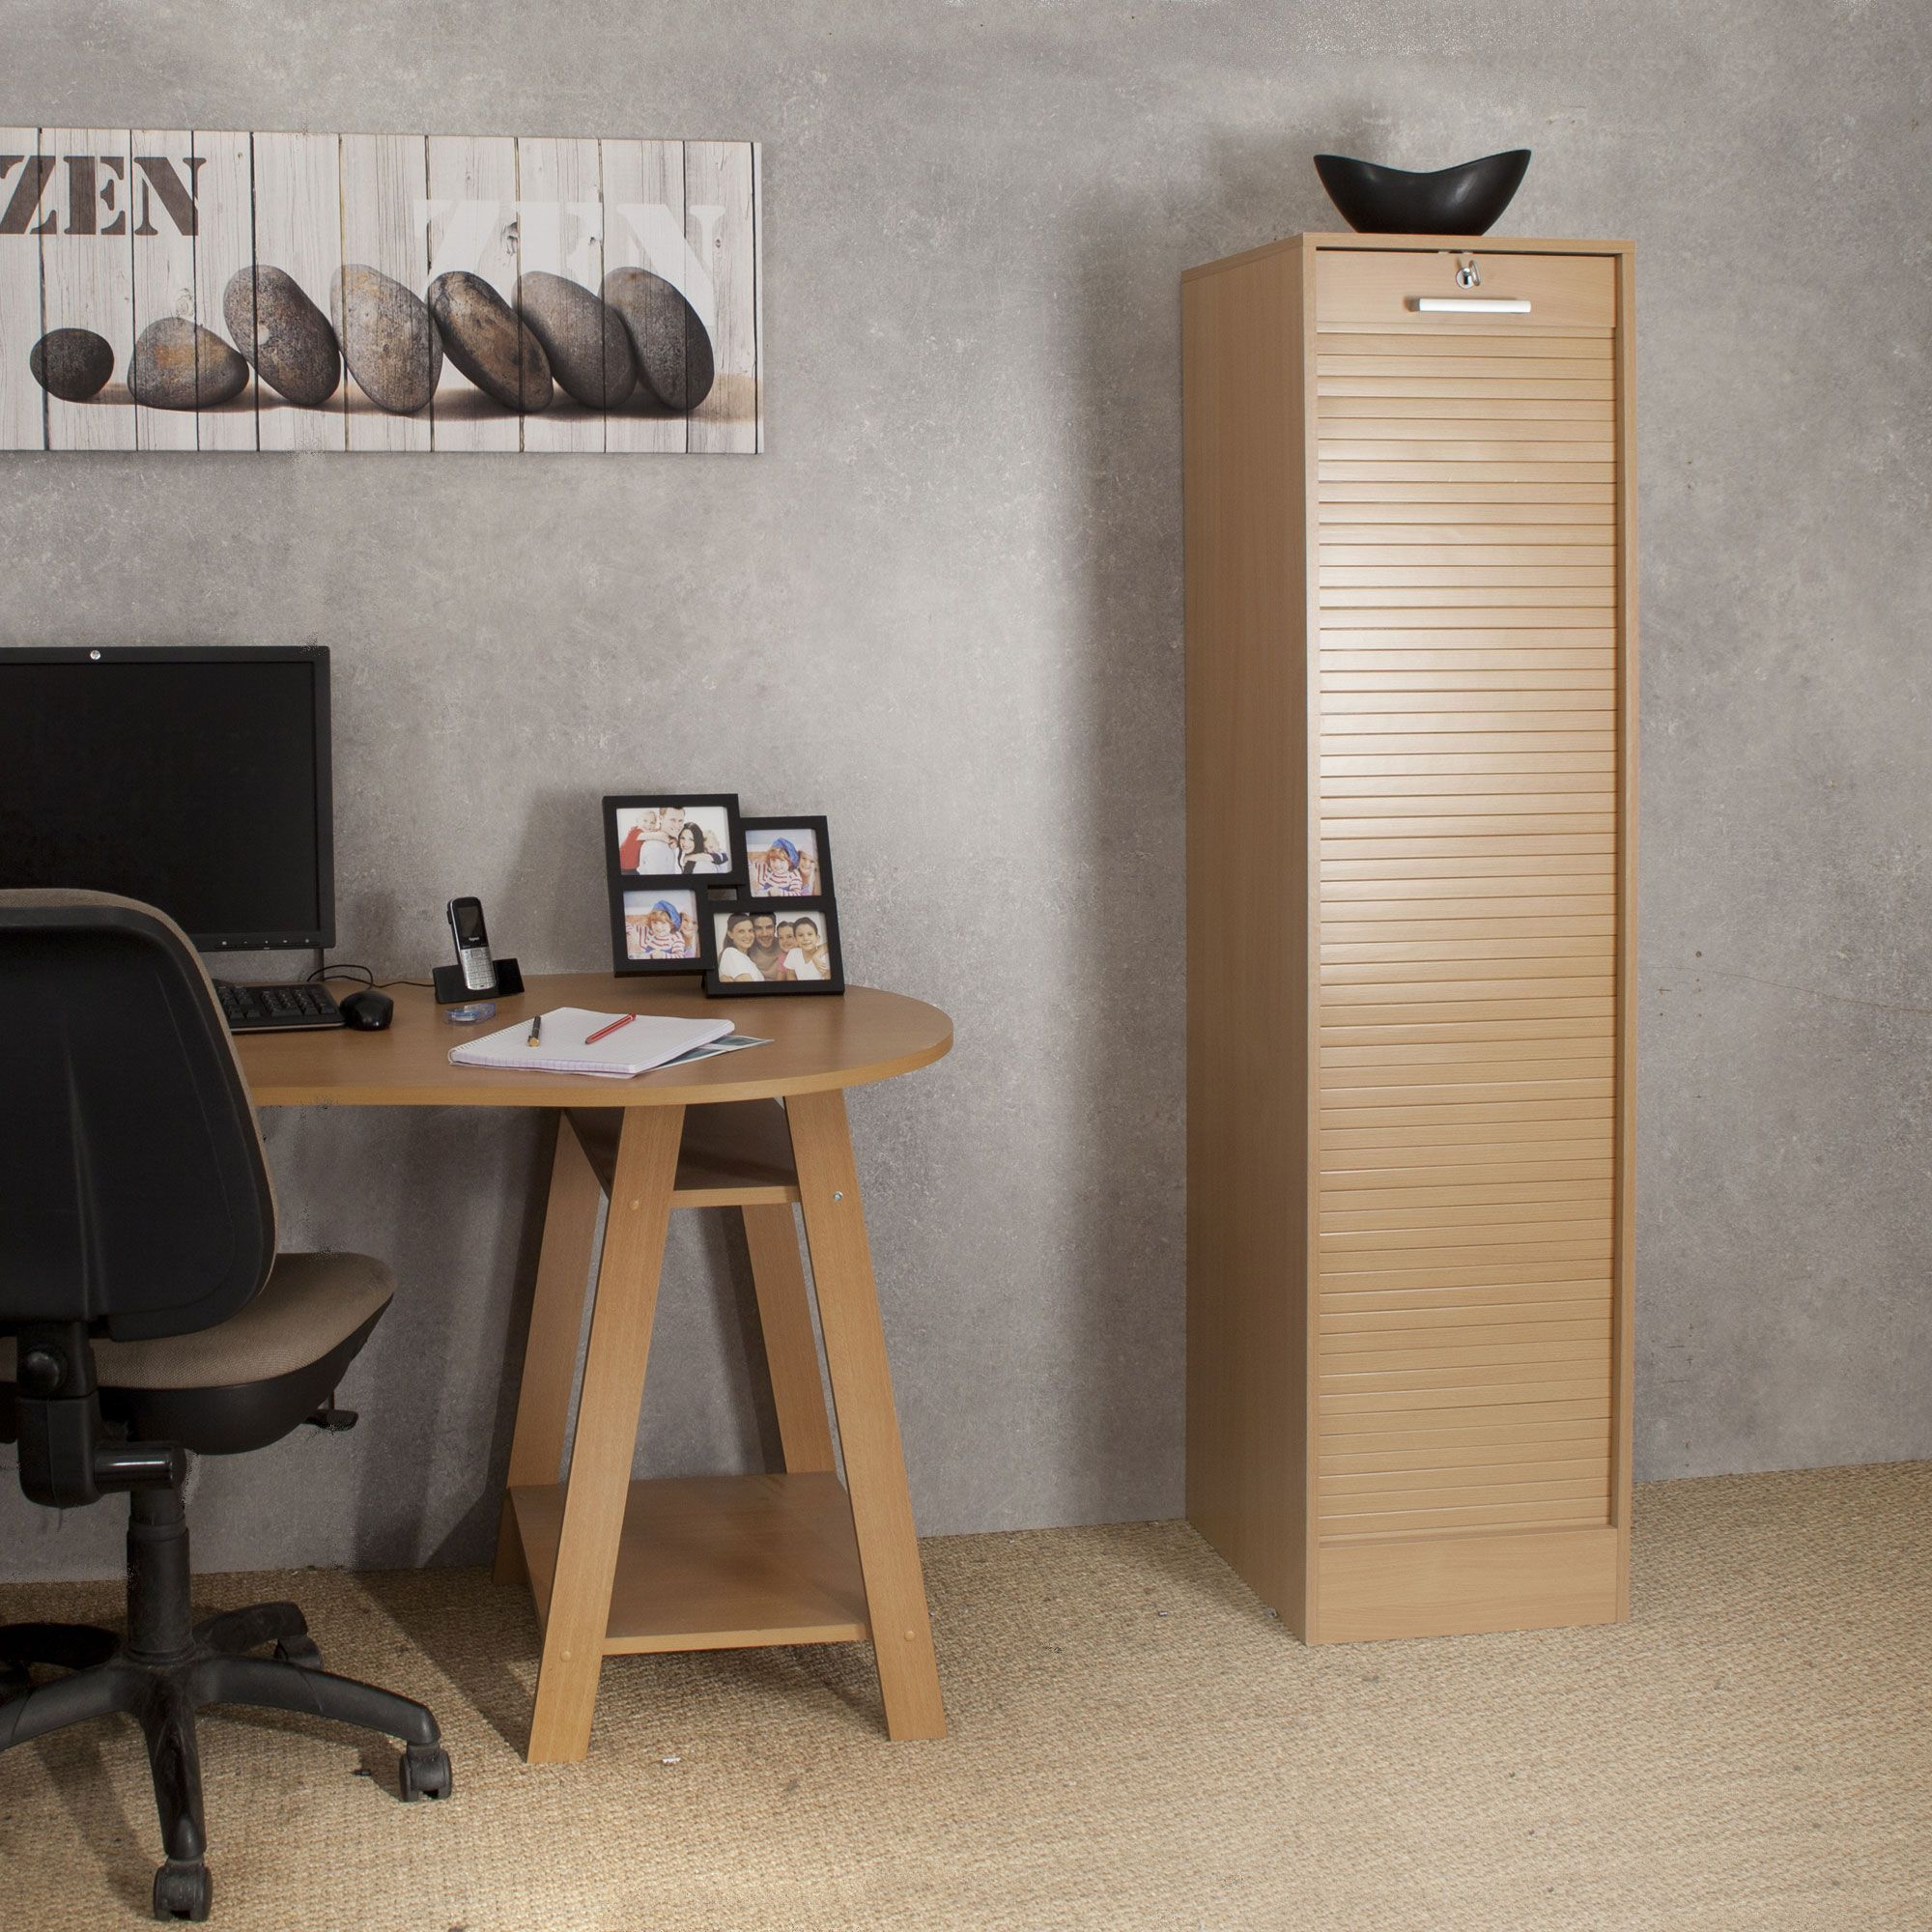 Classeur Rideaux En Bois Hauteur 170 Cm Classeurs The Office  # Classeur Pour Salon